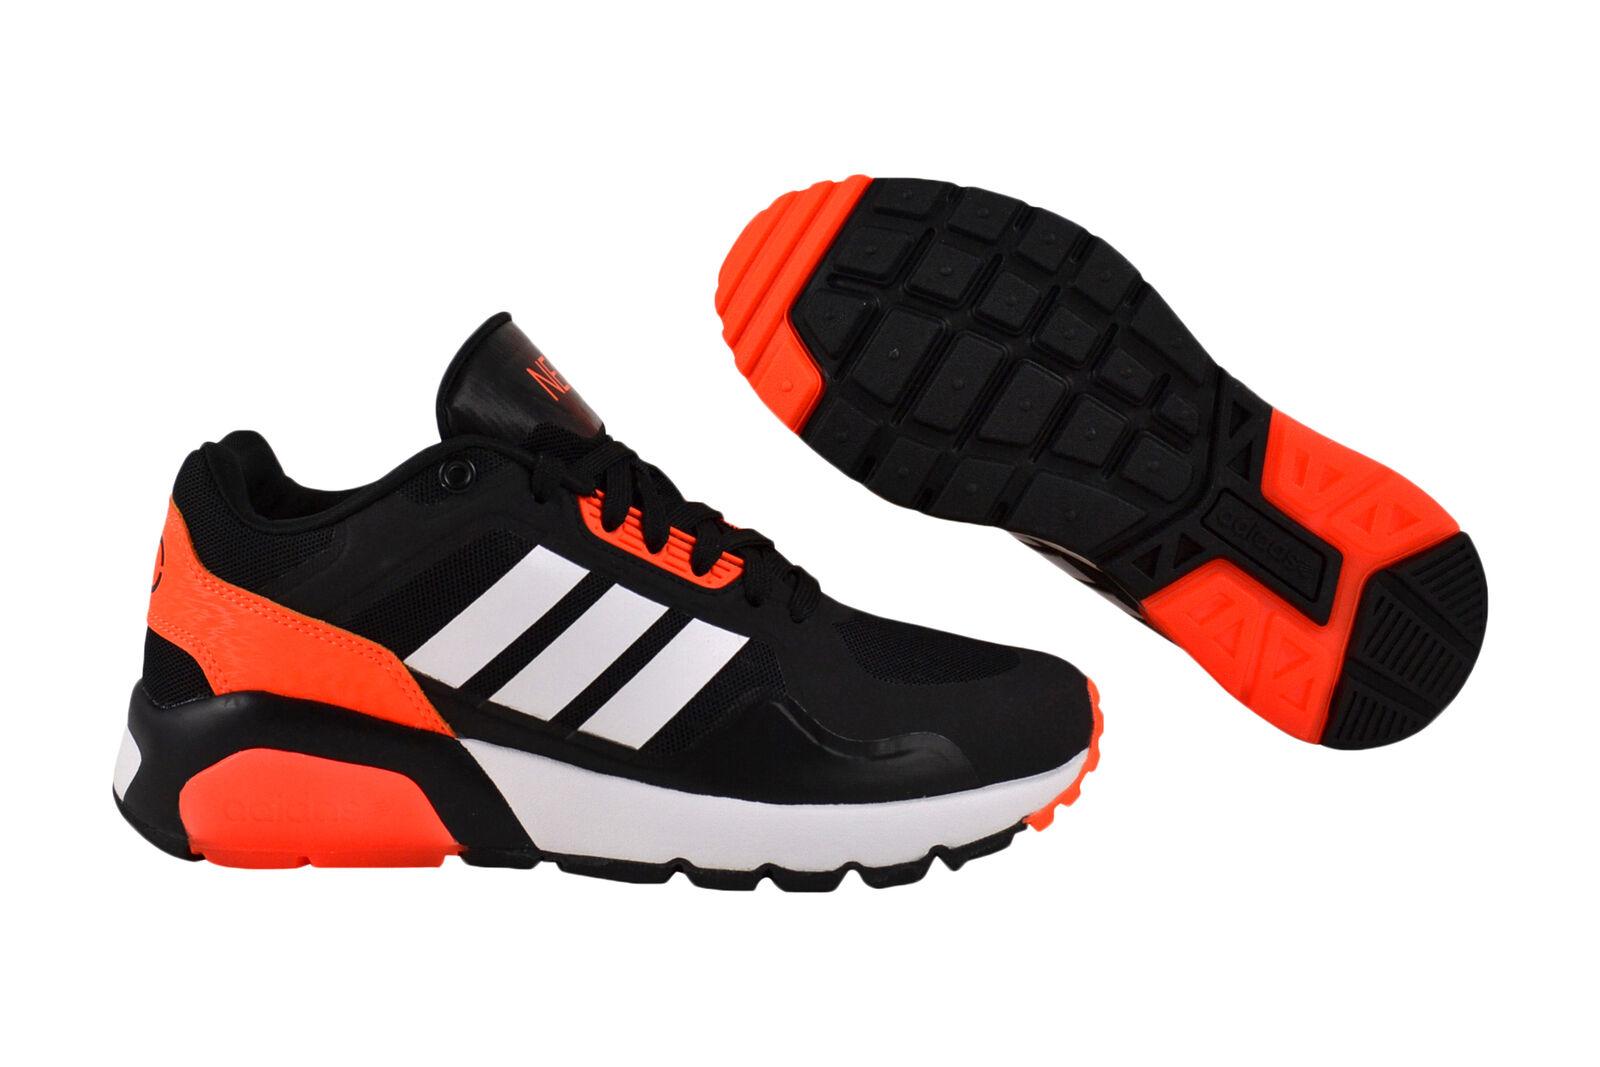 Adidas neo run 9 ties negro zapatilla de deporte zapatos negro